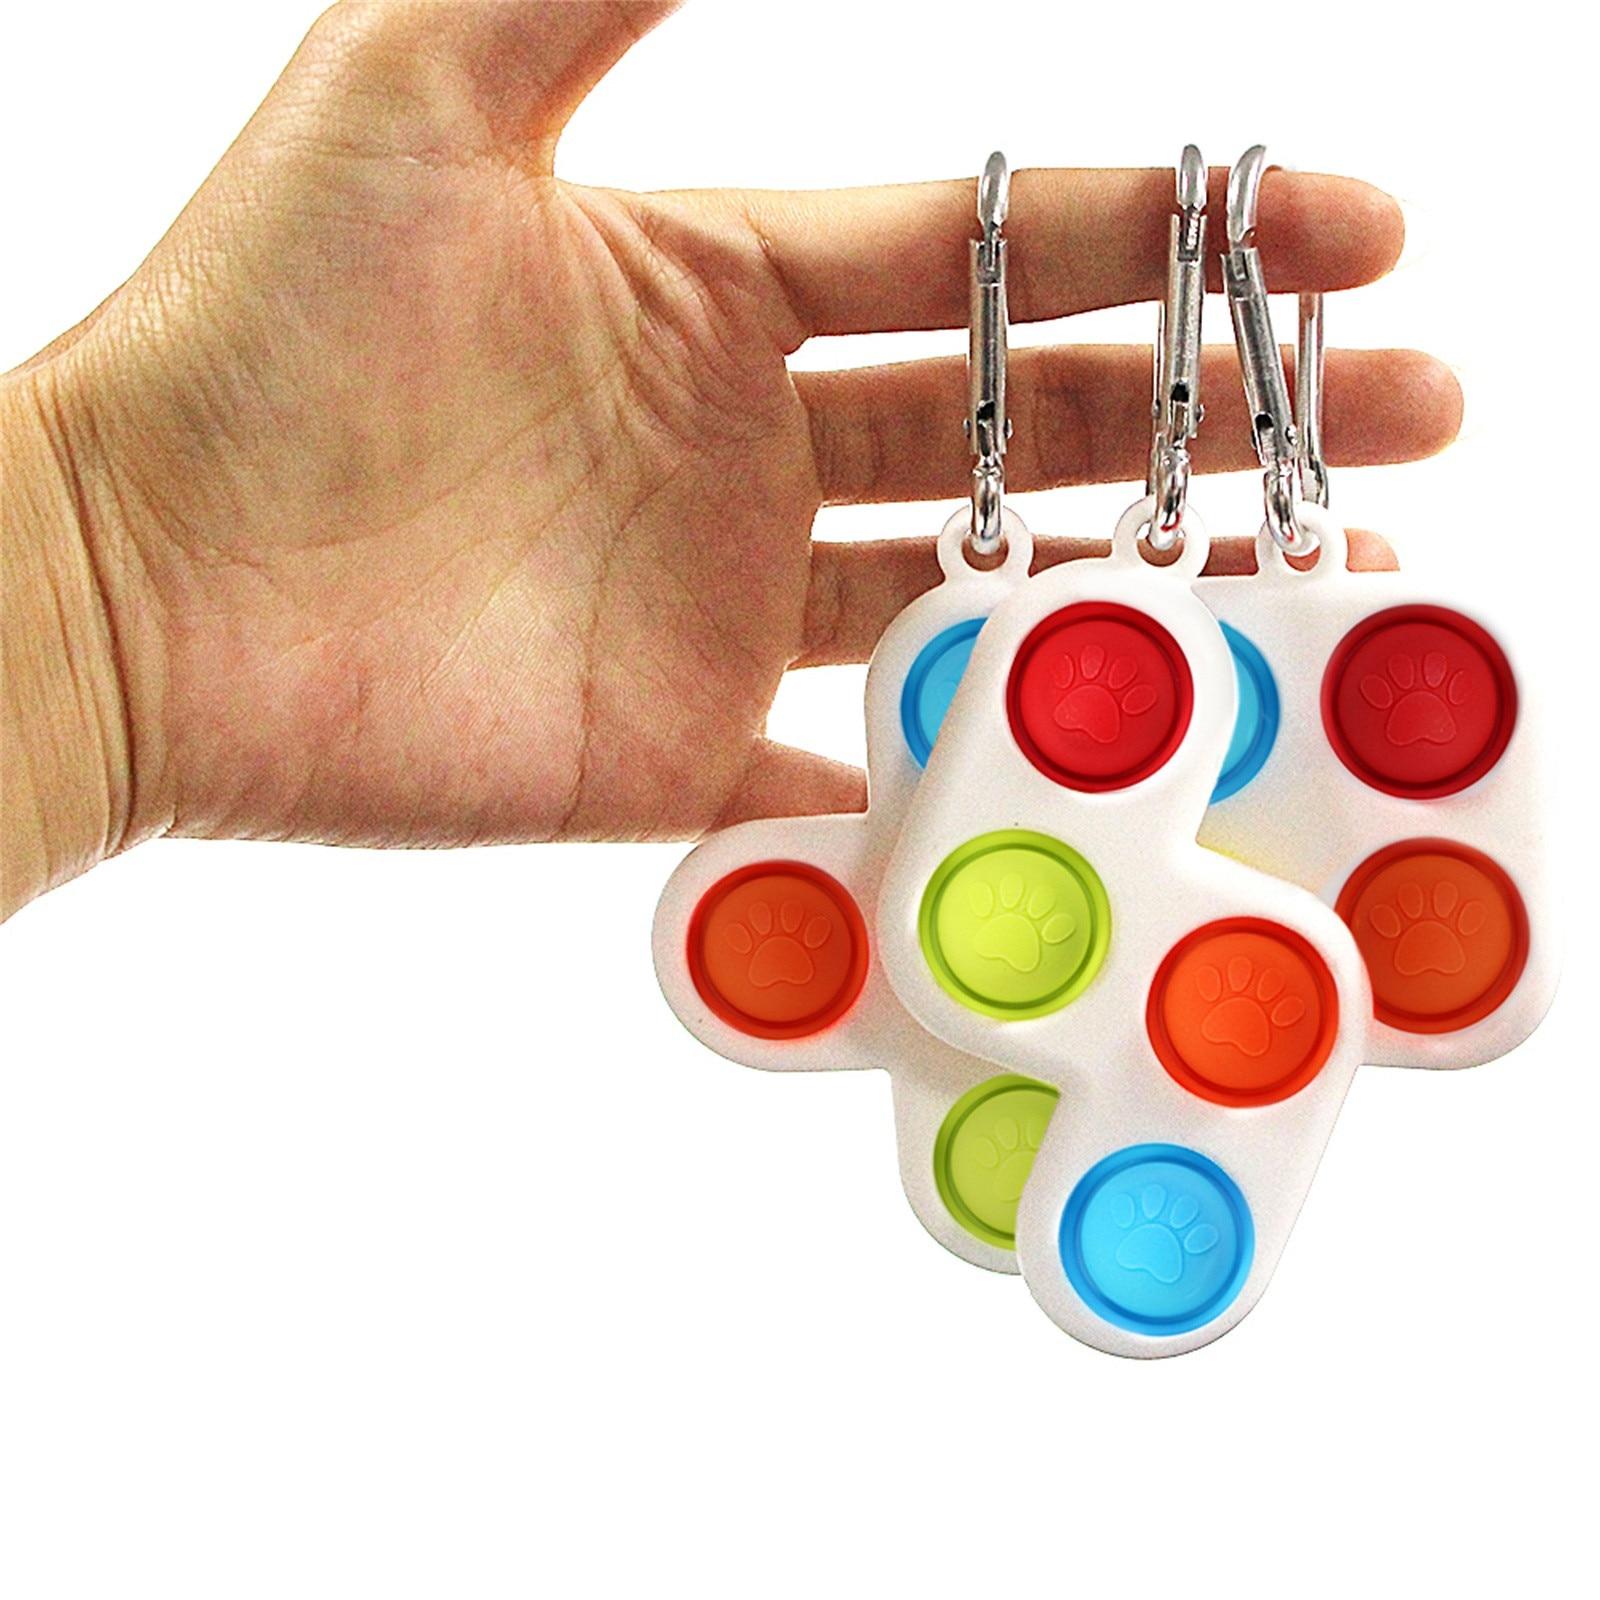 Fitget Toy Fidgets Simpel Dimpel Mini Anti-Stress-Board Pop-It-Keychain-Controller Kids img5